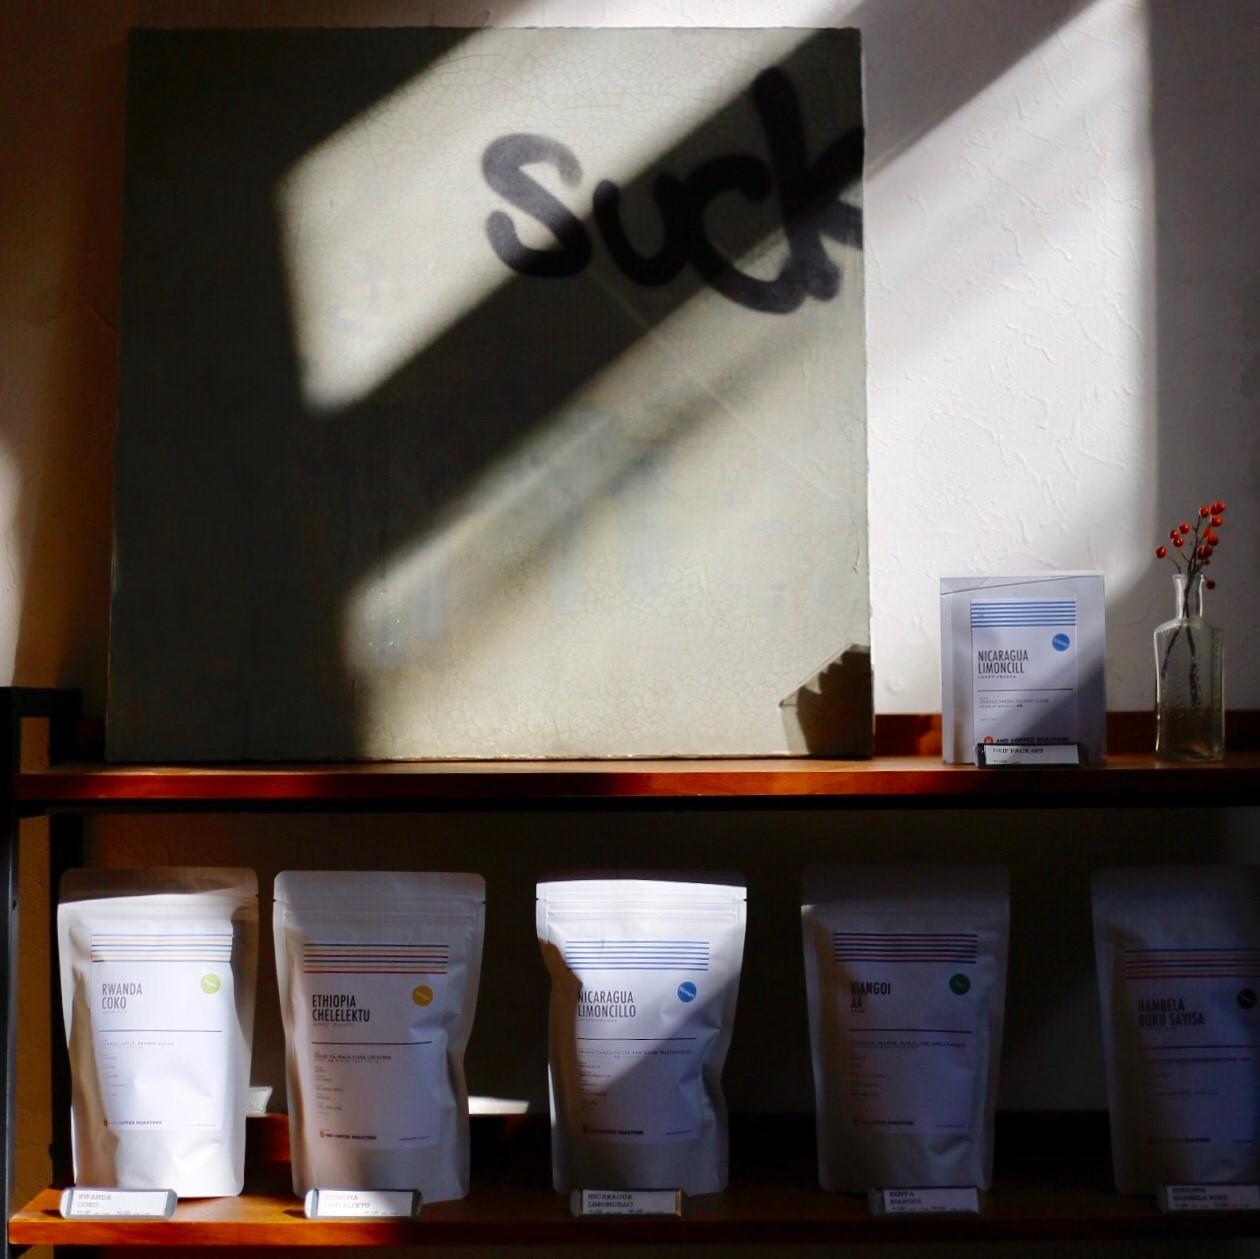 コーヒー豆お買い上げでドリップコーヒーサービス@上之裏本店